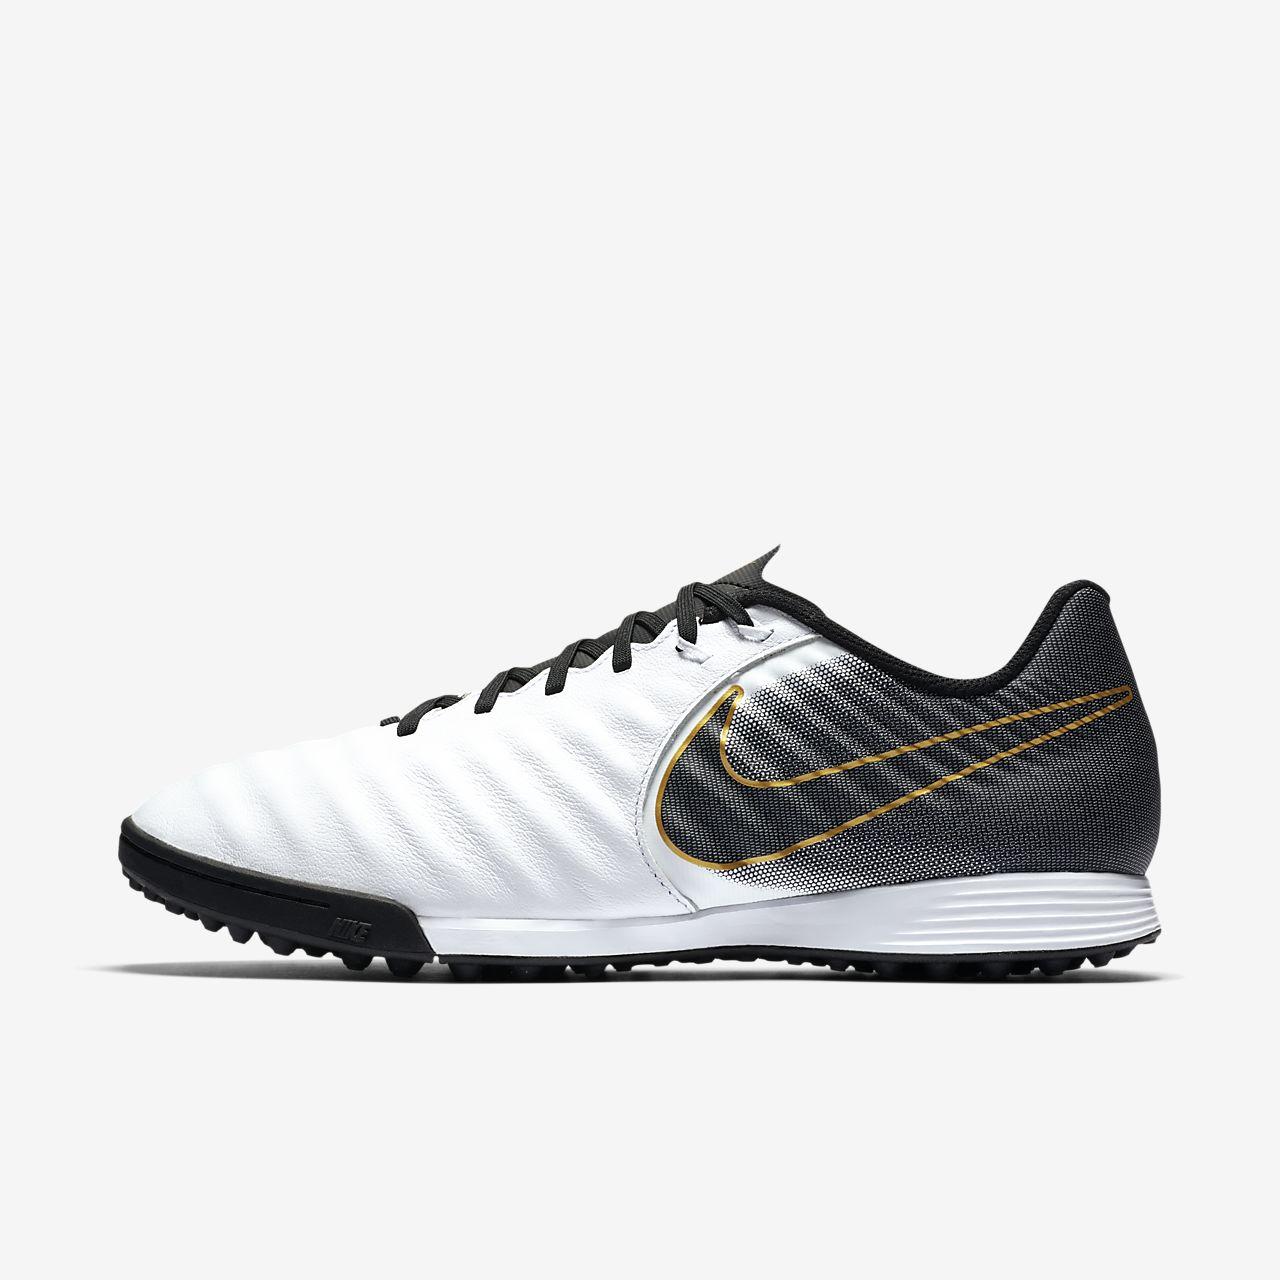 844ba2be50 Chuteiras de futebol para relva artificial Nike LegendX 7 Academy TF ...